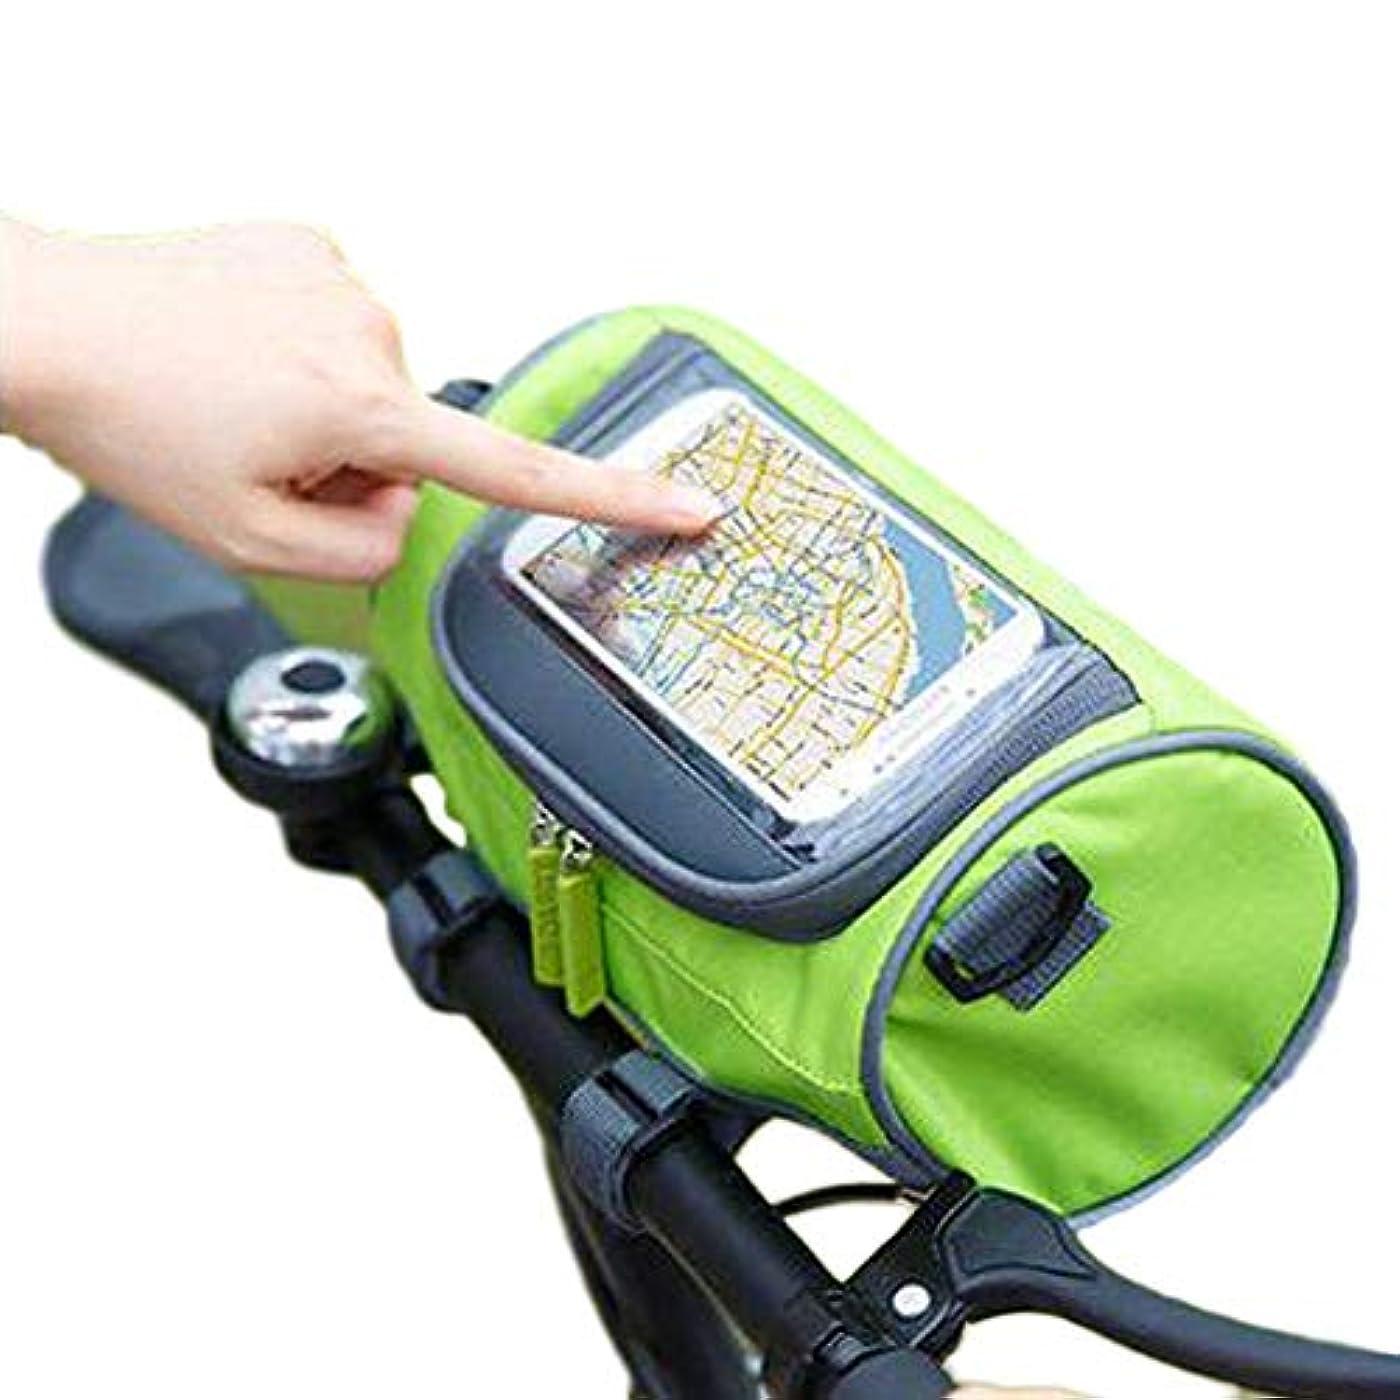 徹底オーブン顔料Ree バイクパック 防水 携帯電話マウント 4-6.5インチ 敏感なタッチスクリーン ポータブル ロードマウンテン バイク トップチューブ ハンドルバー フロントフレームバッグ 携帯電話ホルダー